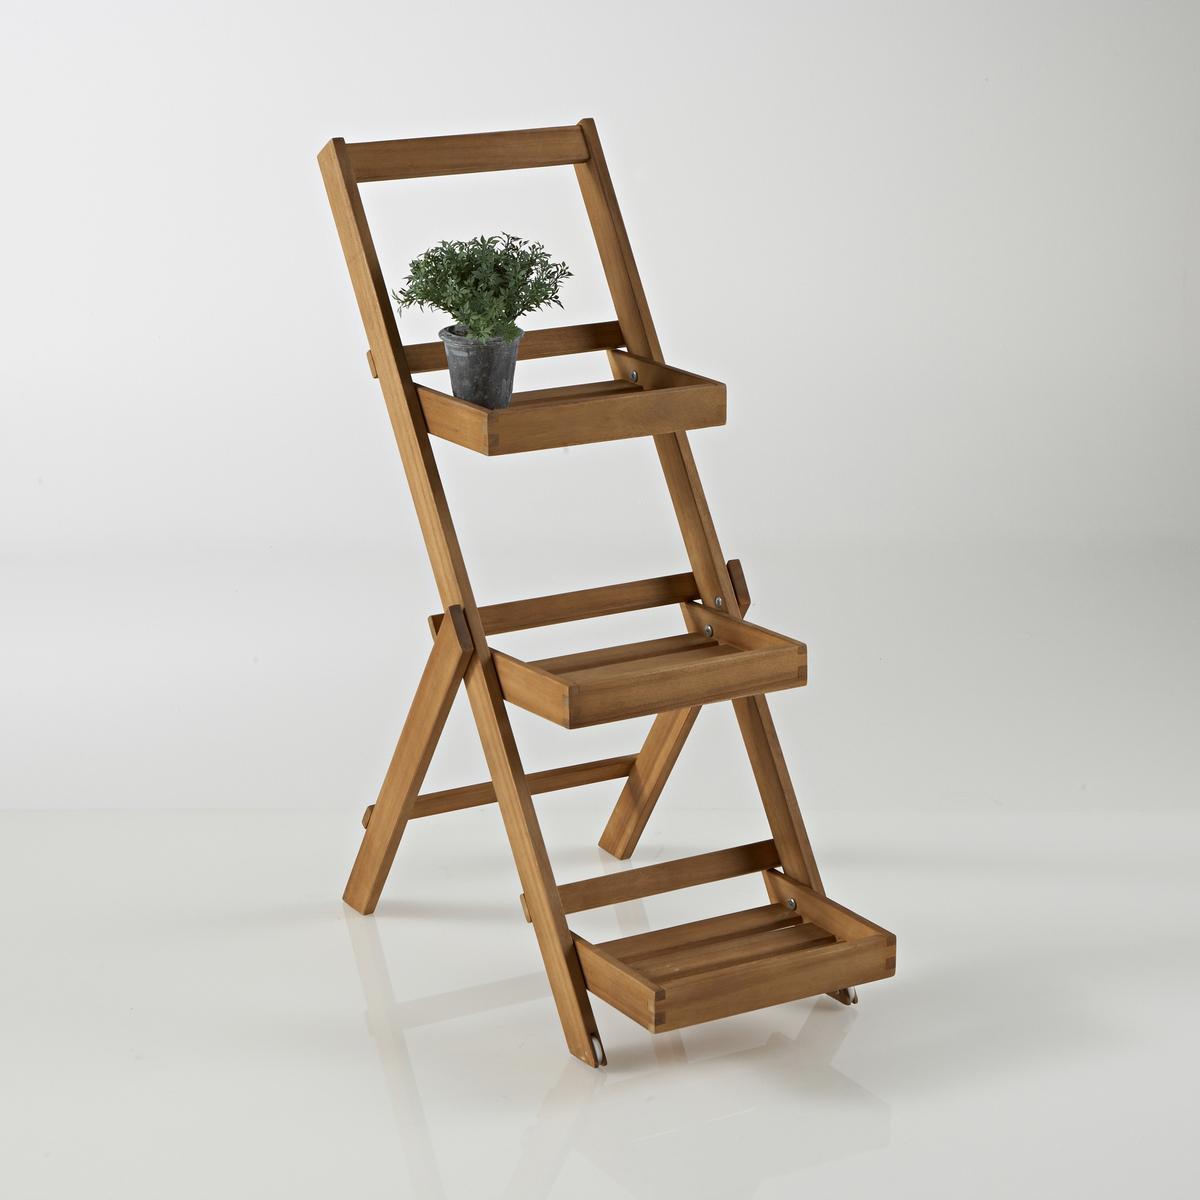 Этажерка 3-уровневая для сада из акации3-уровневая этажерка для сада из акации. Незаменима в саду или на террасе, на этой 3-уровневой этажерке легко можно расположить растения и предметы декора ! Описание этажерки для сада :Цвет тикового дерева3 уровняПоставляется в разобранном виде.Характеристики этажерки для сада :Из акации Другие модели этой коллекции вы можете найти на сайте laredoute.ruРазмеры этажерки для сада :Общие размеры :Длина : 35 смВысота : 85 смГлубина : 65 смПолезные размеры : Этажерка : Ш.22,5 x В.4,5 x Г.25,8 смВес: 4 кгДоставка:  Возможна доставка до квартиры по предварительной договоренности! Внимание! Убедитесь, что посылку возможно доставить в дом, учитывая ее габариты.<br><br>Цвет: акация